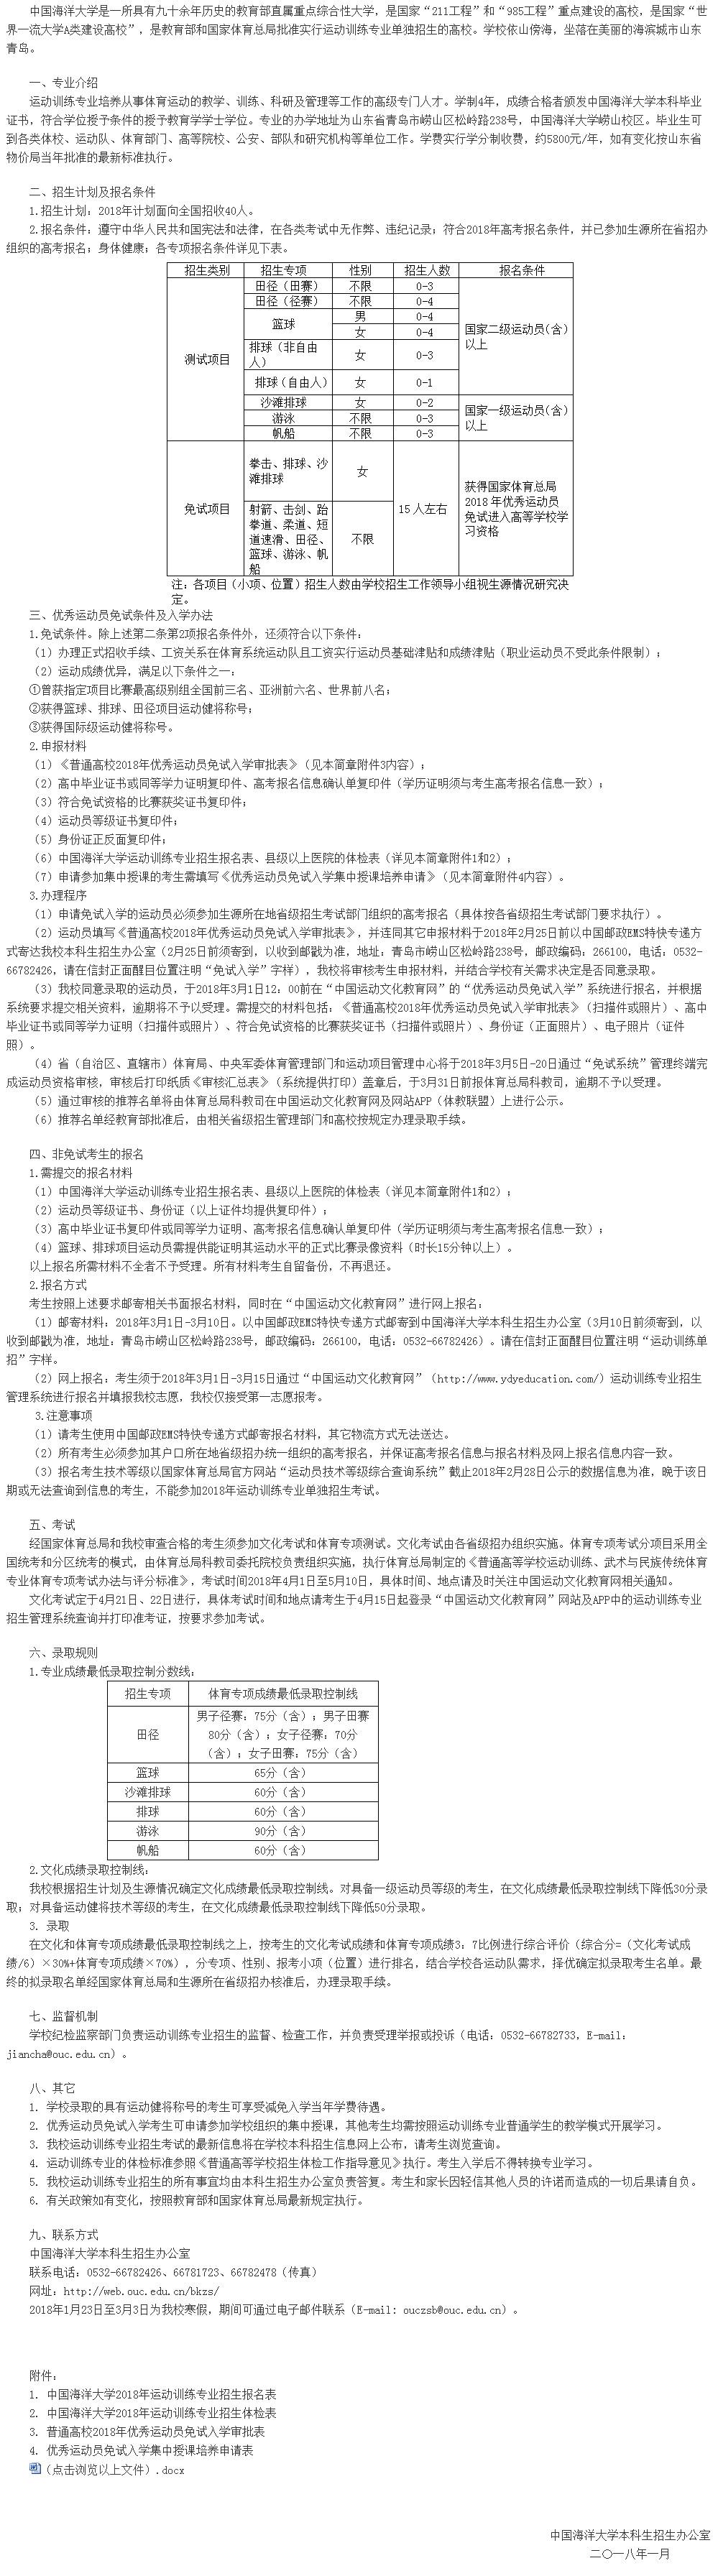 中国海洋大学2018年运动训练专业招生简章